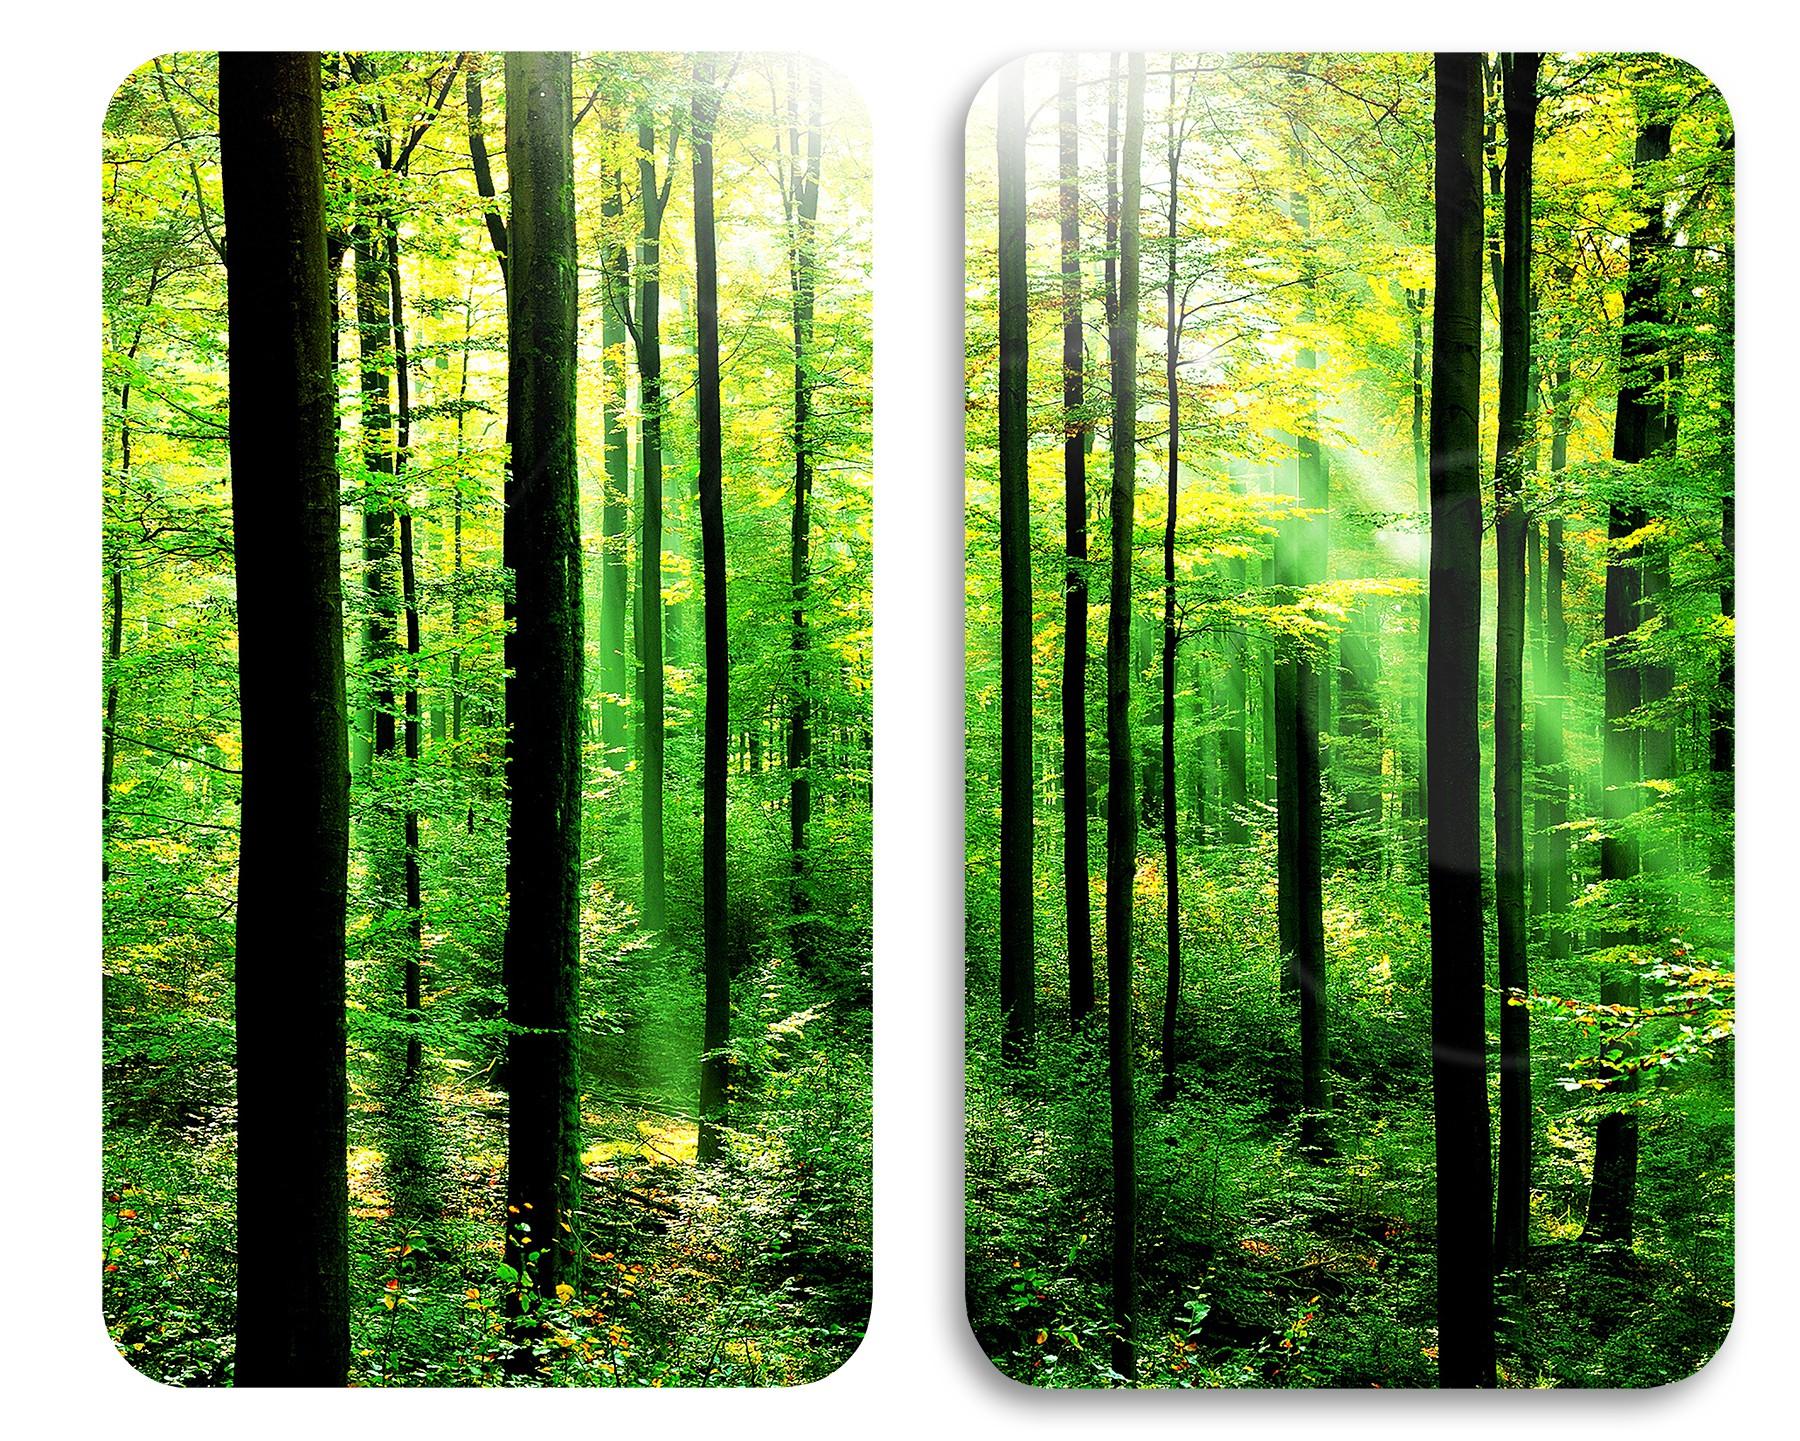 Wenko Herdabdeckplatte Universal Wald, 2er Set, für alle Herdarten